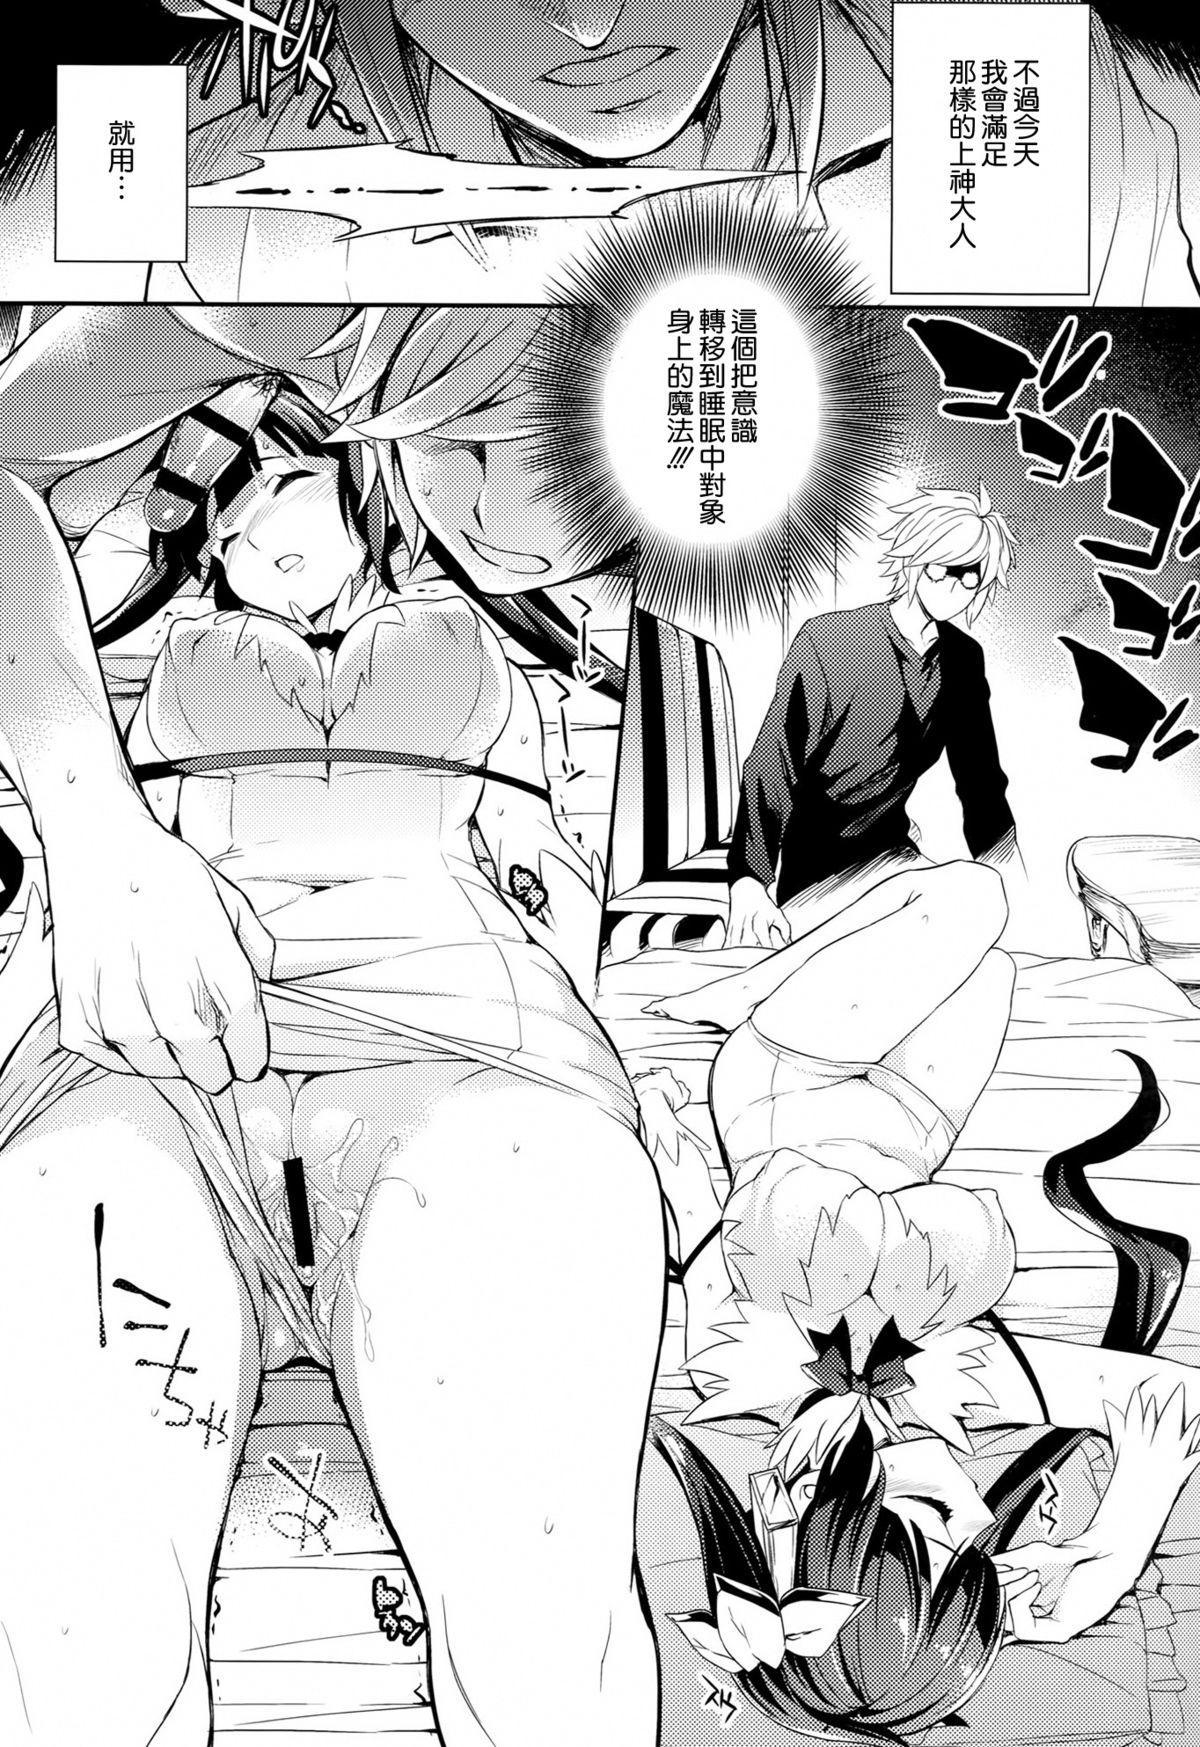 (COMIC1☆9) [Crazy9 (Ichitaka)] C9-19 Kami-sama to Suiminkan (Dungeon ni Deai o Motomeru no wa Machigatteiru Darou ka) [Chinese] [空気系☆漢化] 10